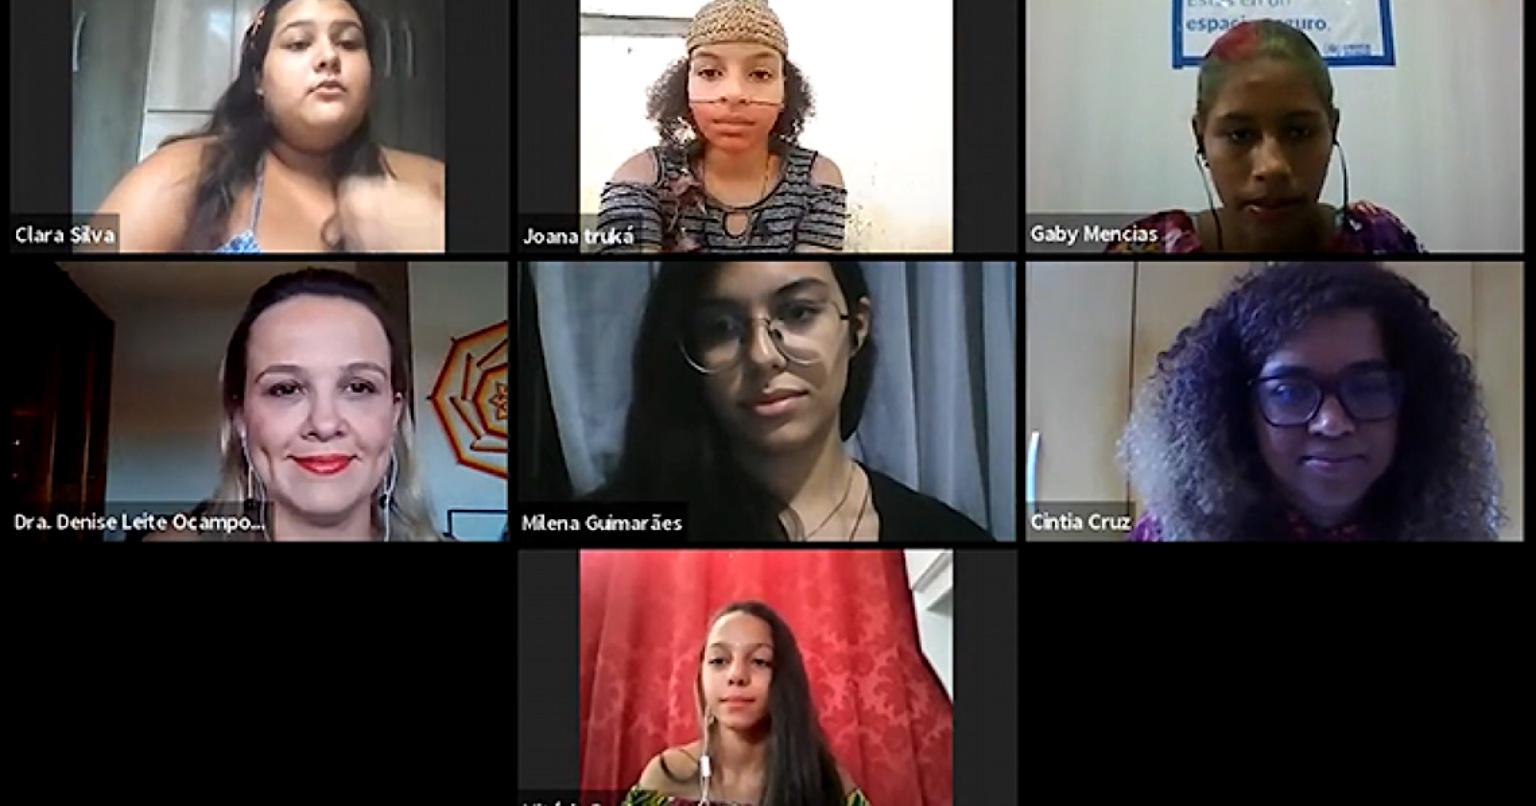 Indígenas, LGBTI e ciganas falam sobre as dificuldades de serem meninas no Brasil